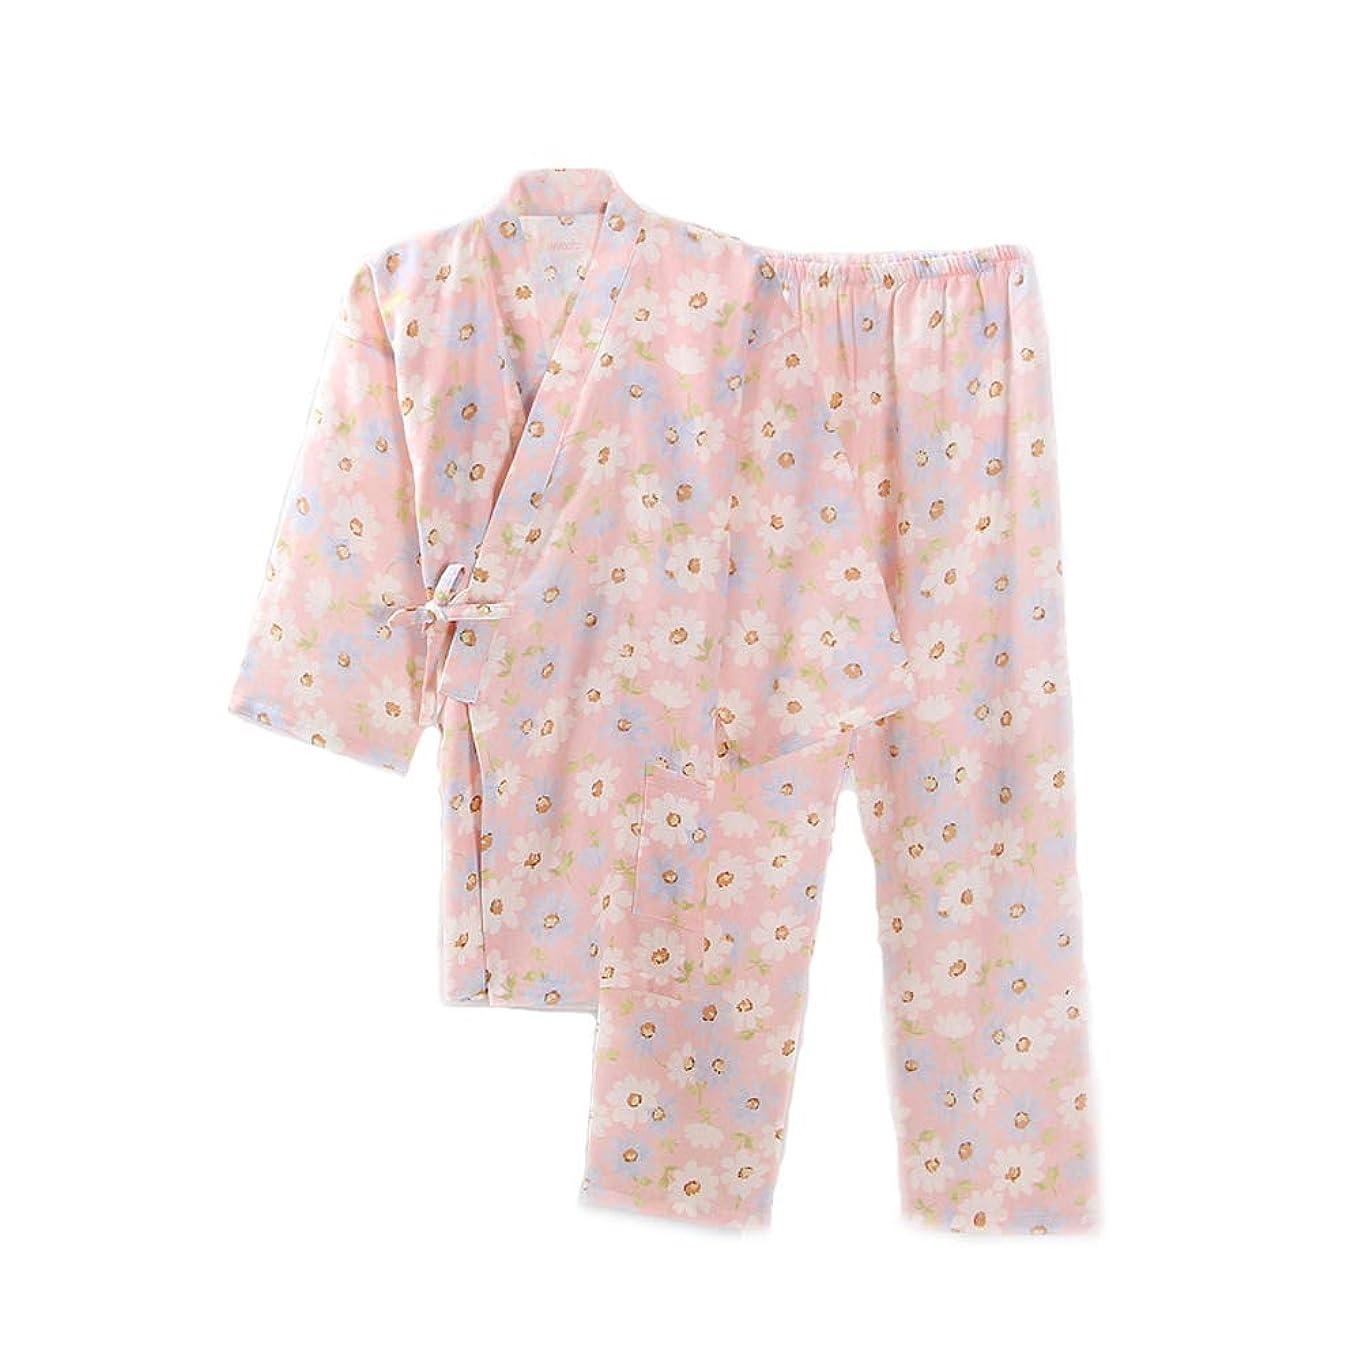 巨大強化する郵便番号レディース 浴衣地 和柄 ルームウェア レディースパジャマ 肌触り良い 寝間着 寝巻き 桜の花柄 可愛 上下セット